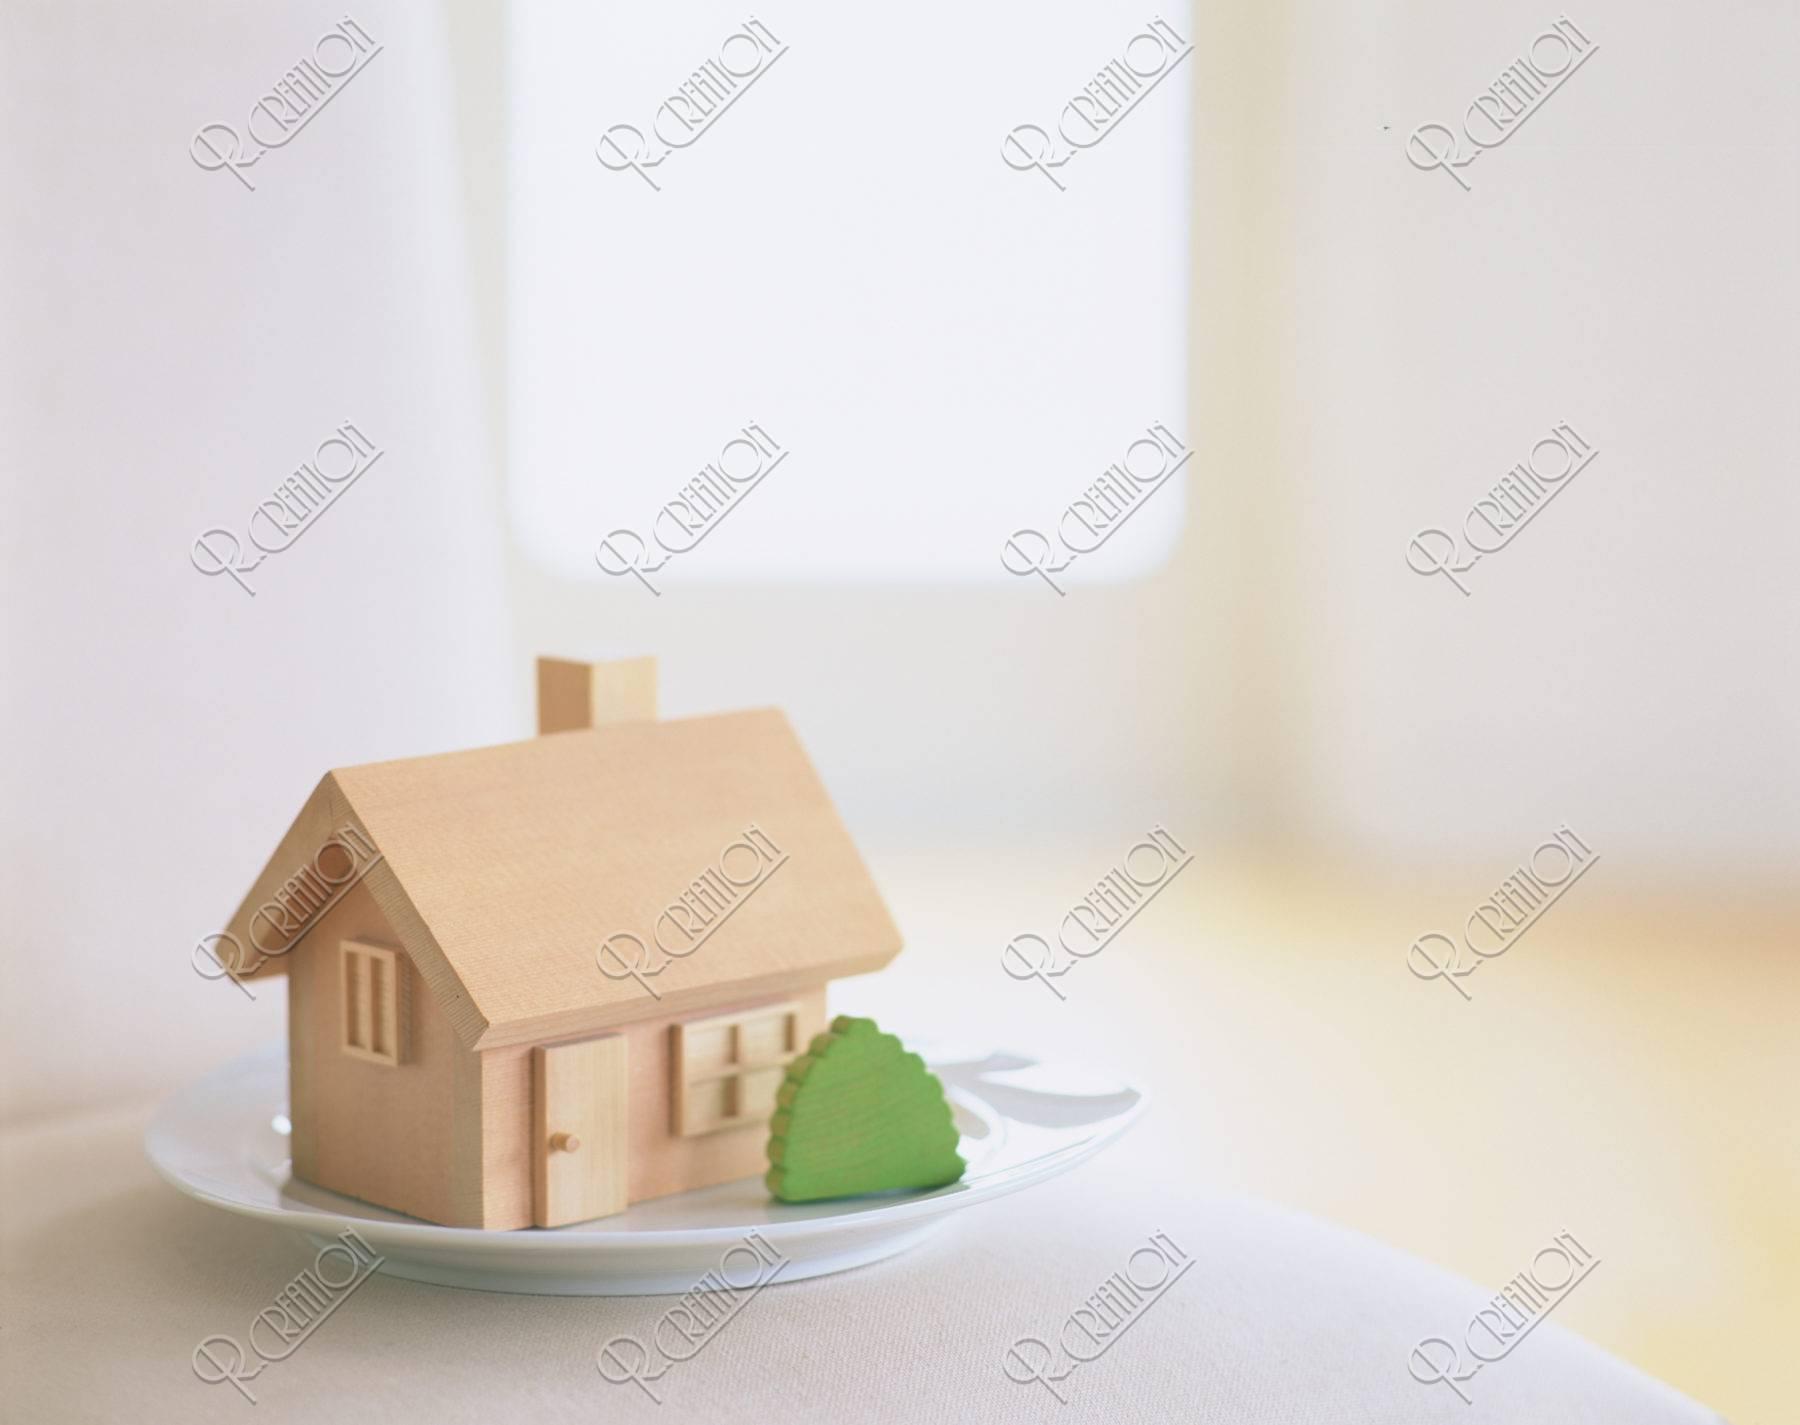 テーブルの上の木の家